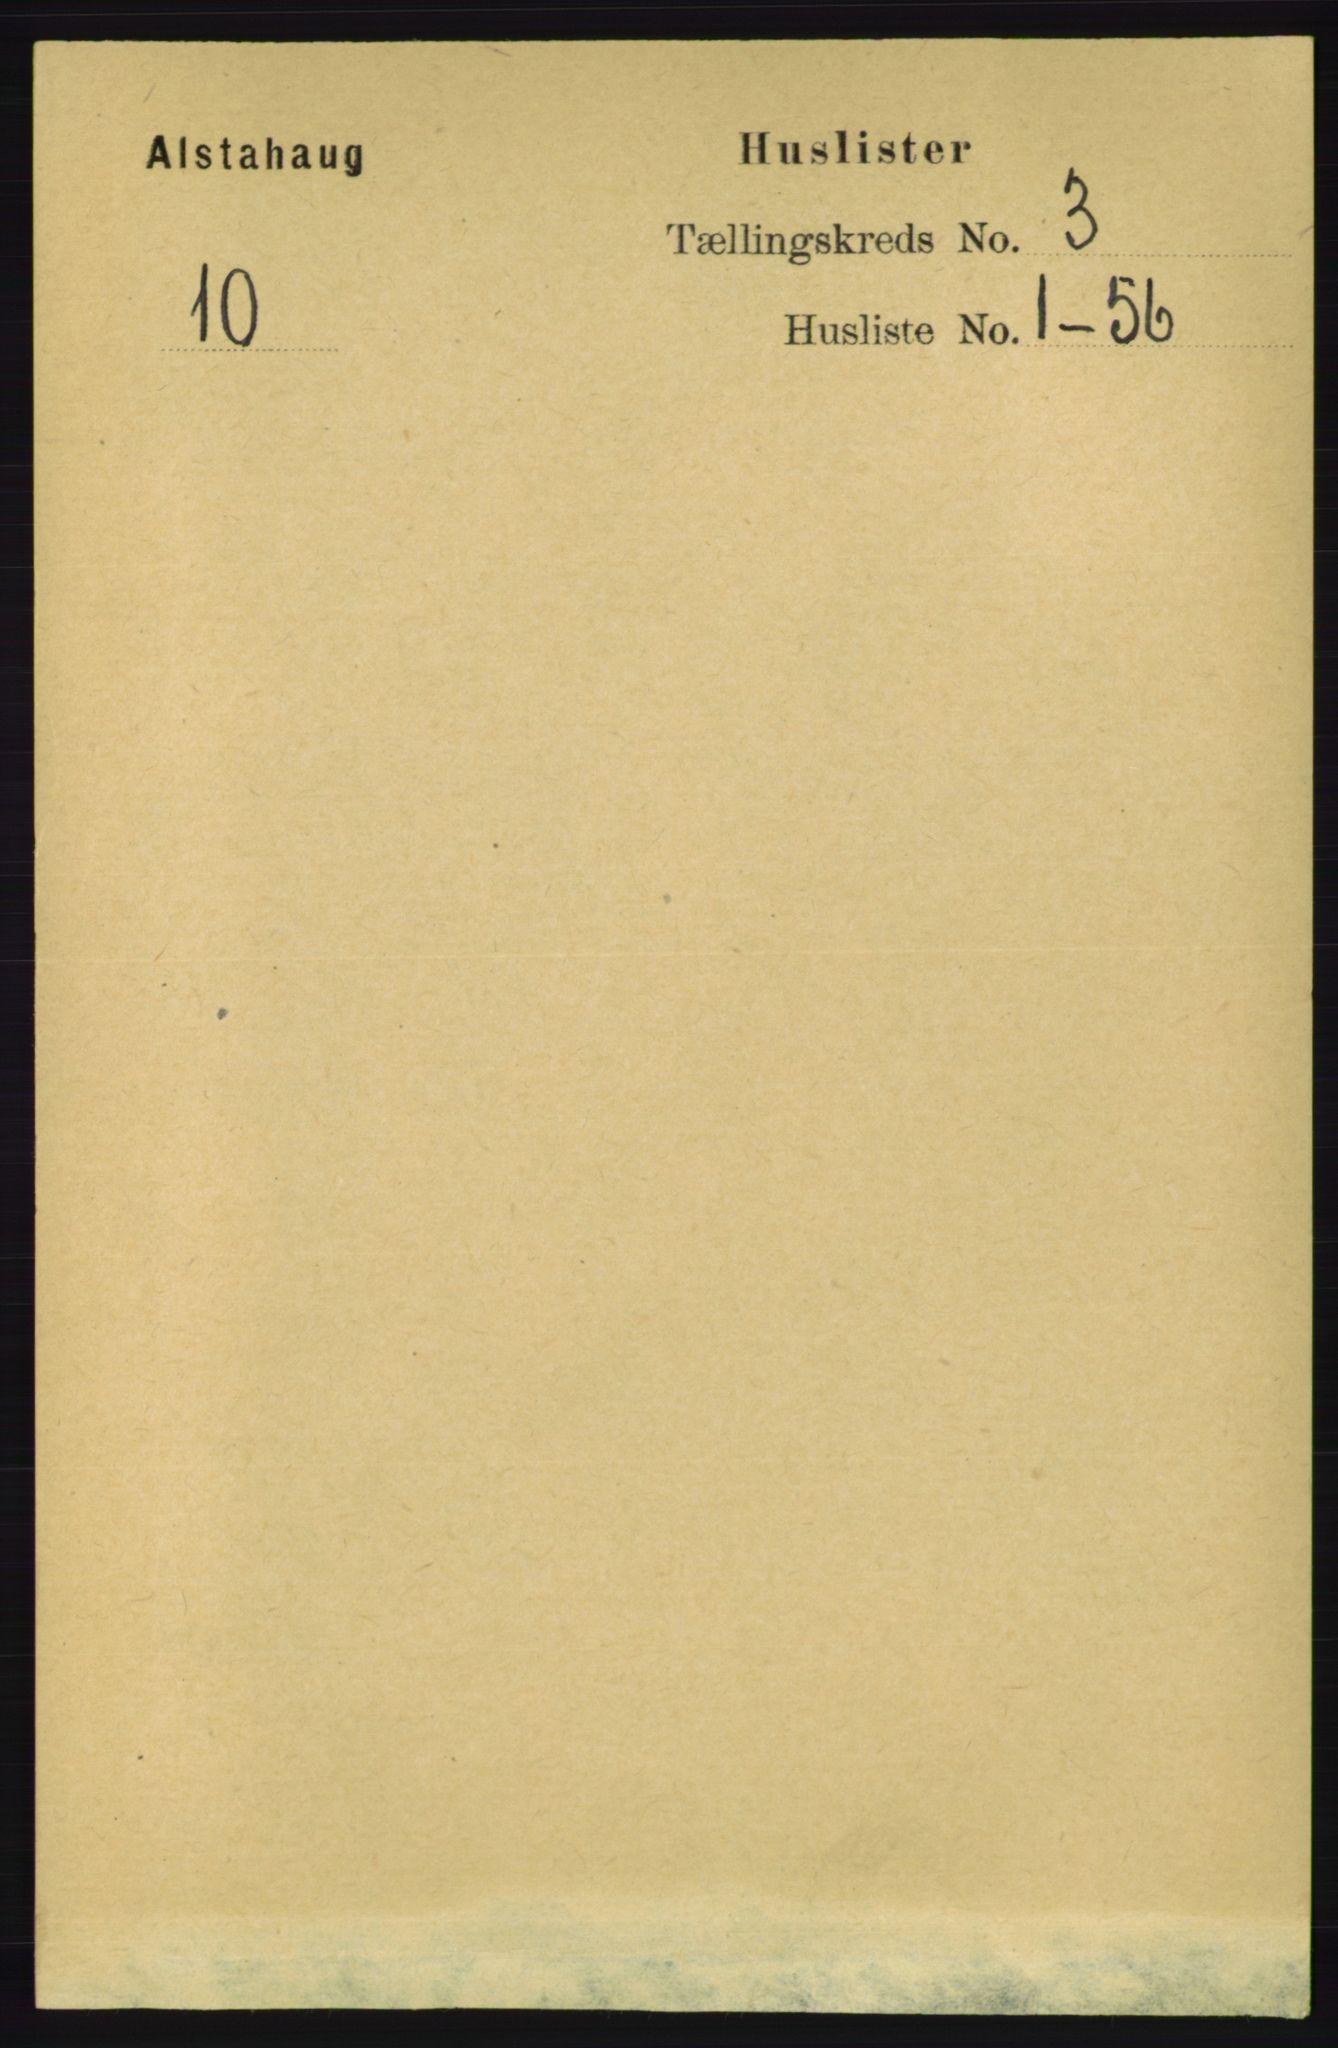 RA, Folketelling 1891 for 1820 Alstahaug herred, 1891, s. 1035